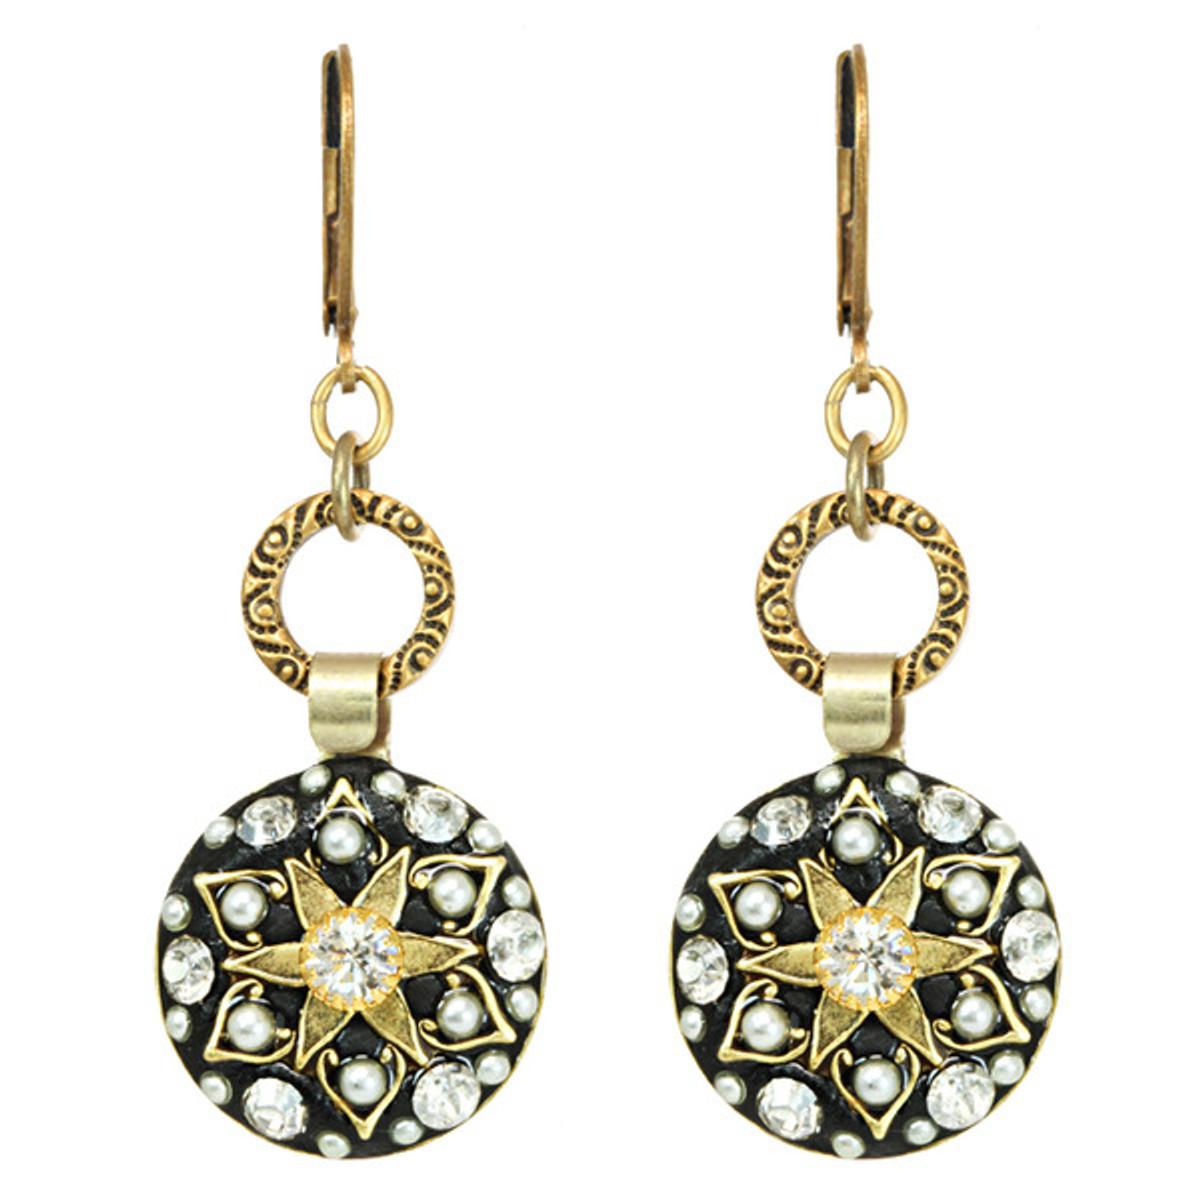 Michal Golan Jewelry Deco Earrings